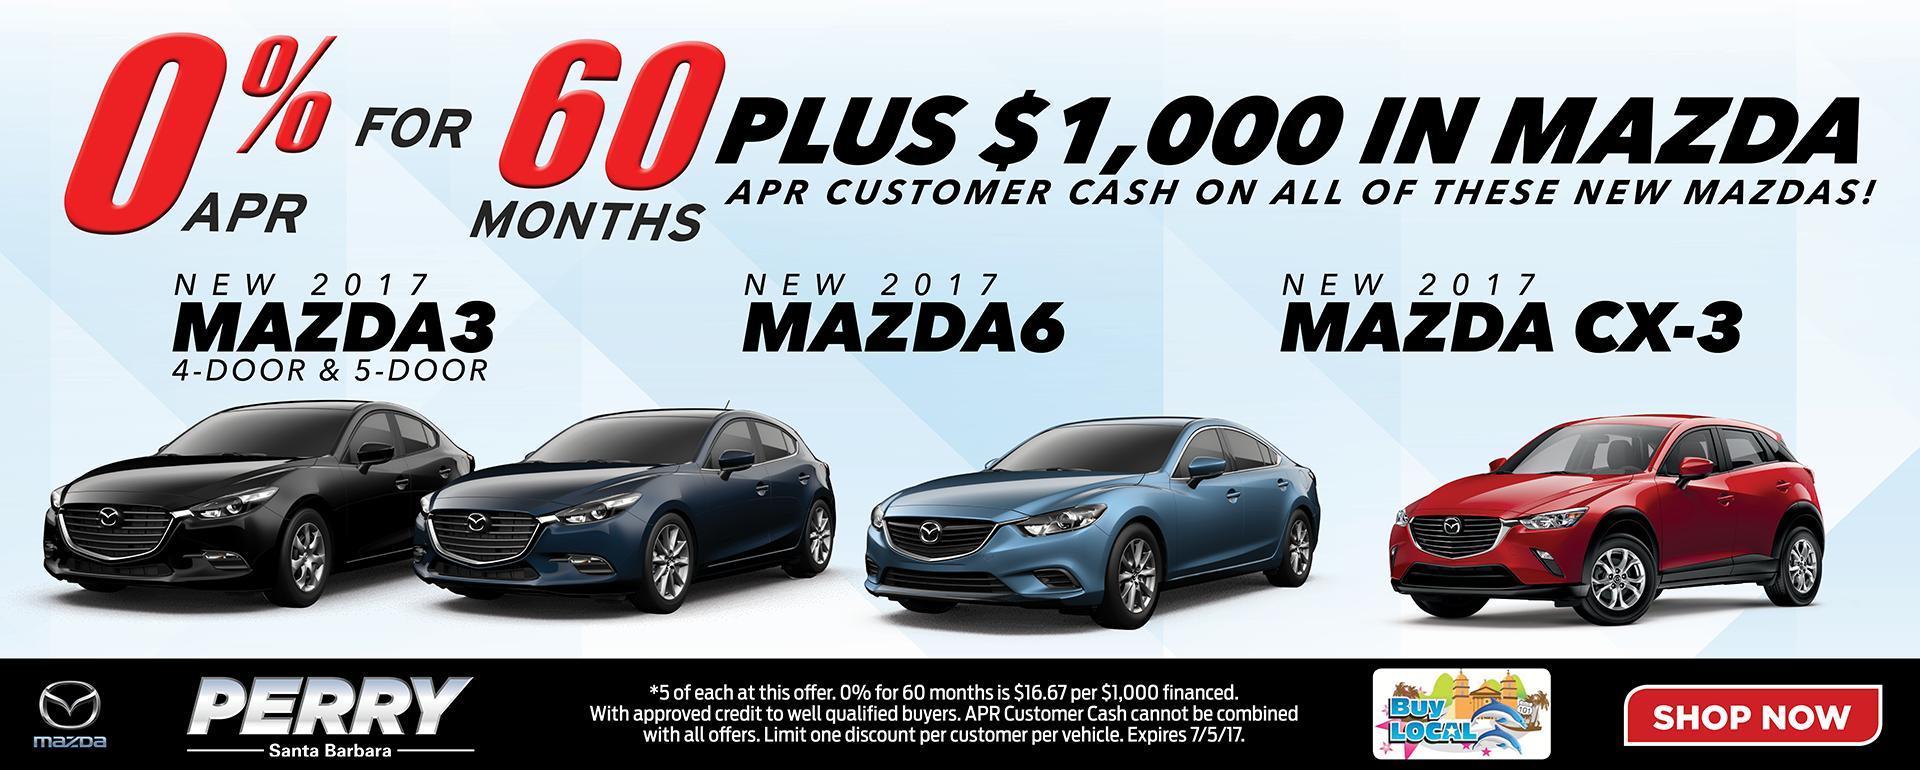 New 2017 Mazda Specials